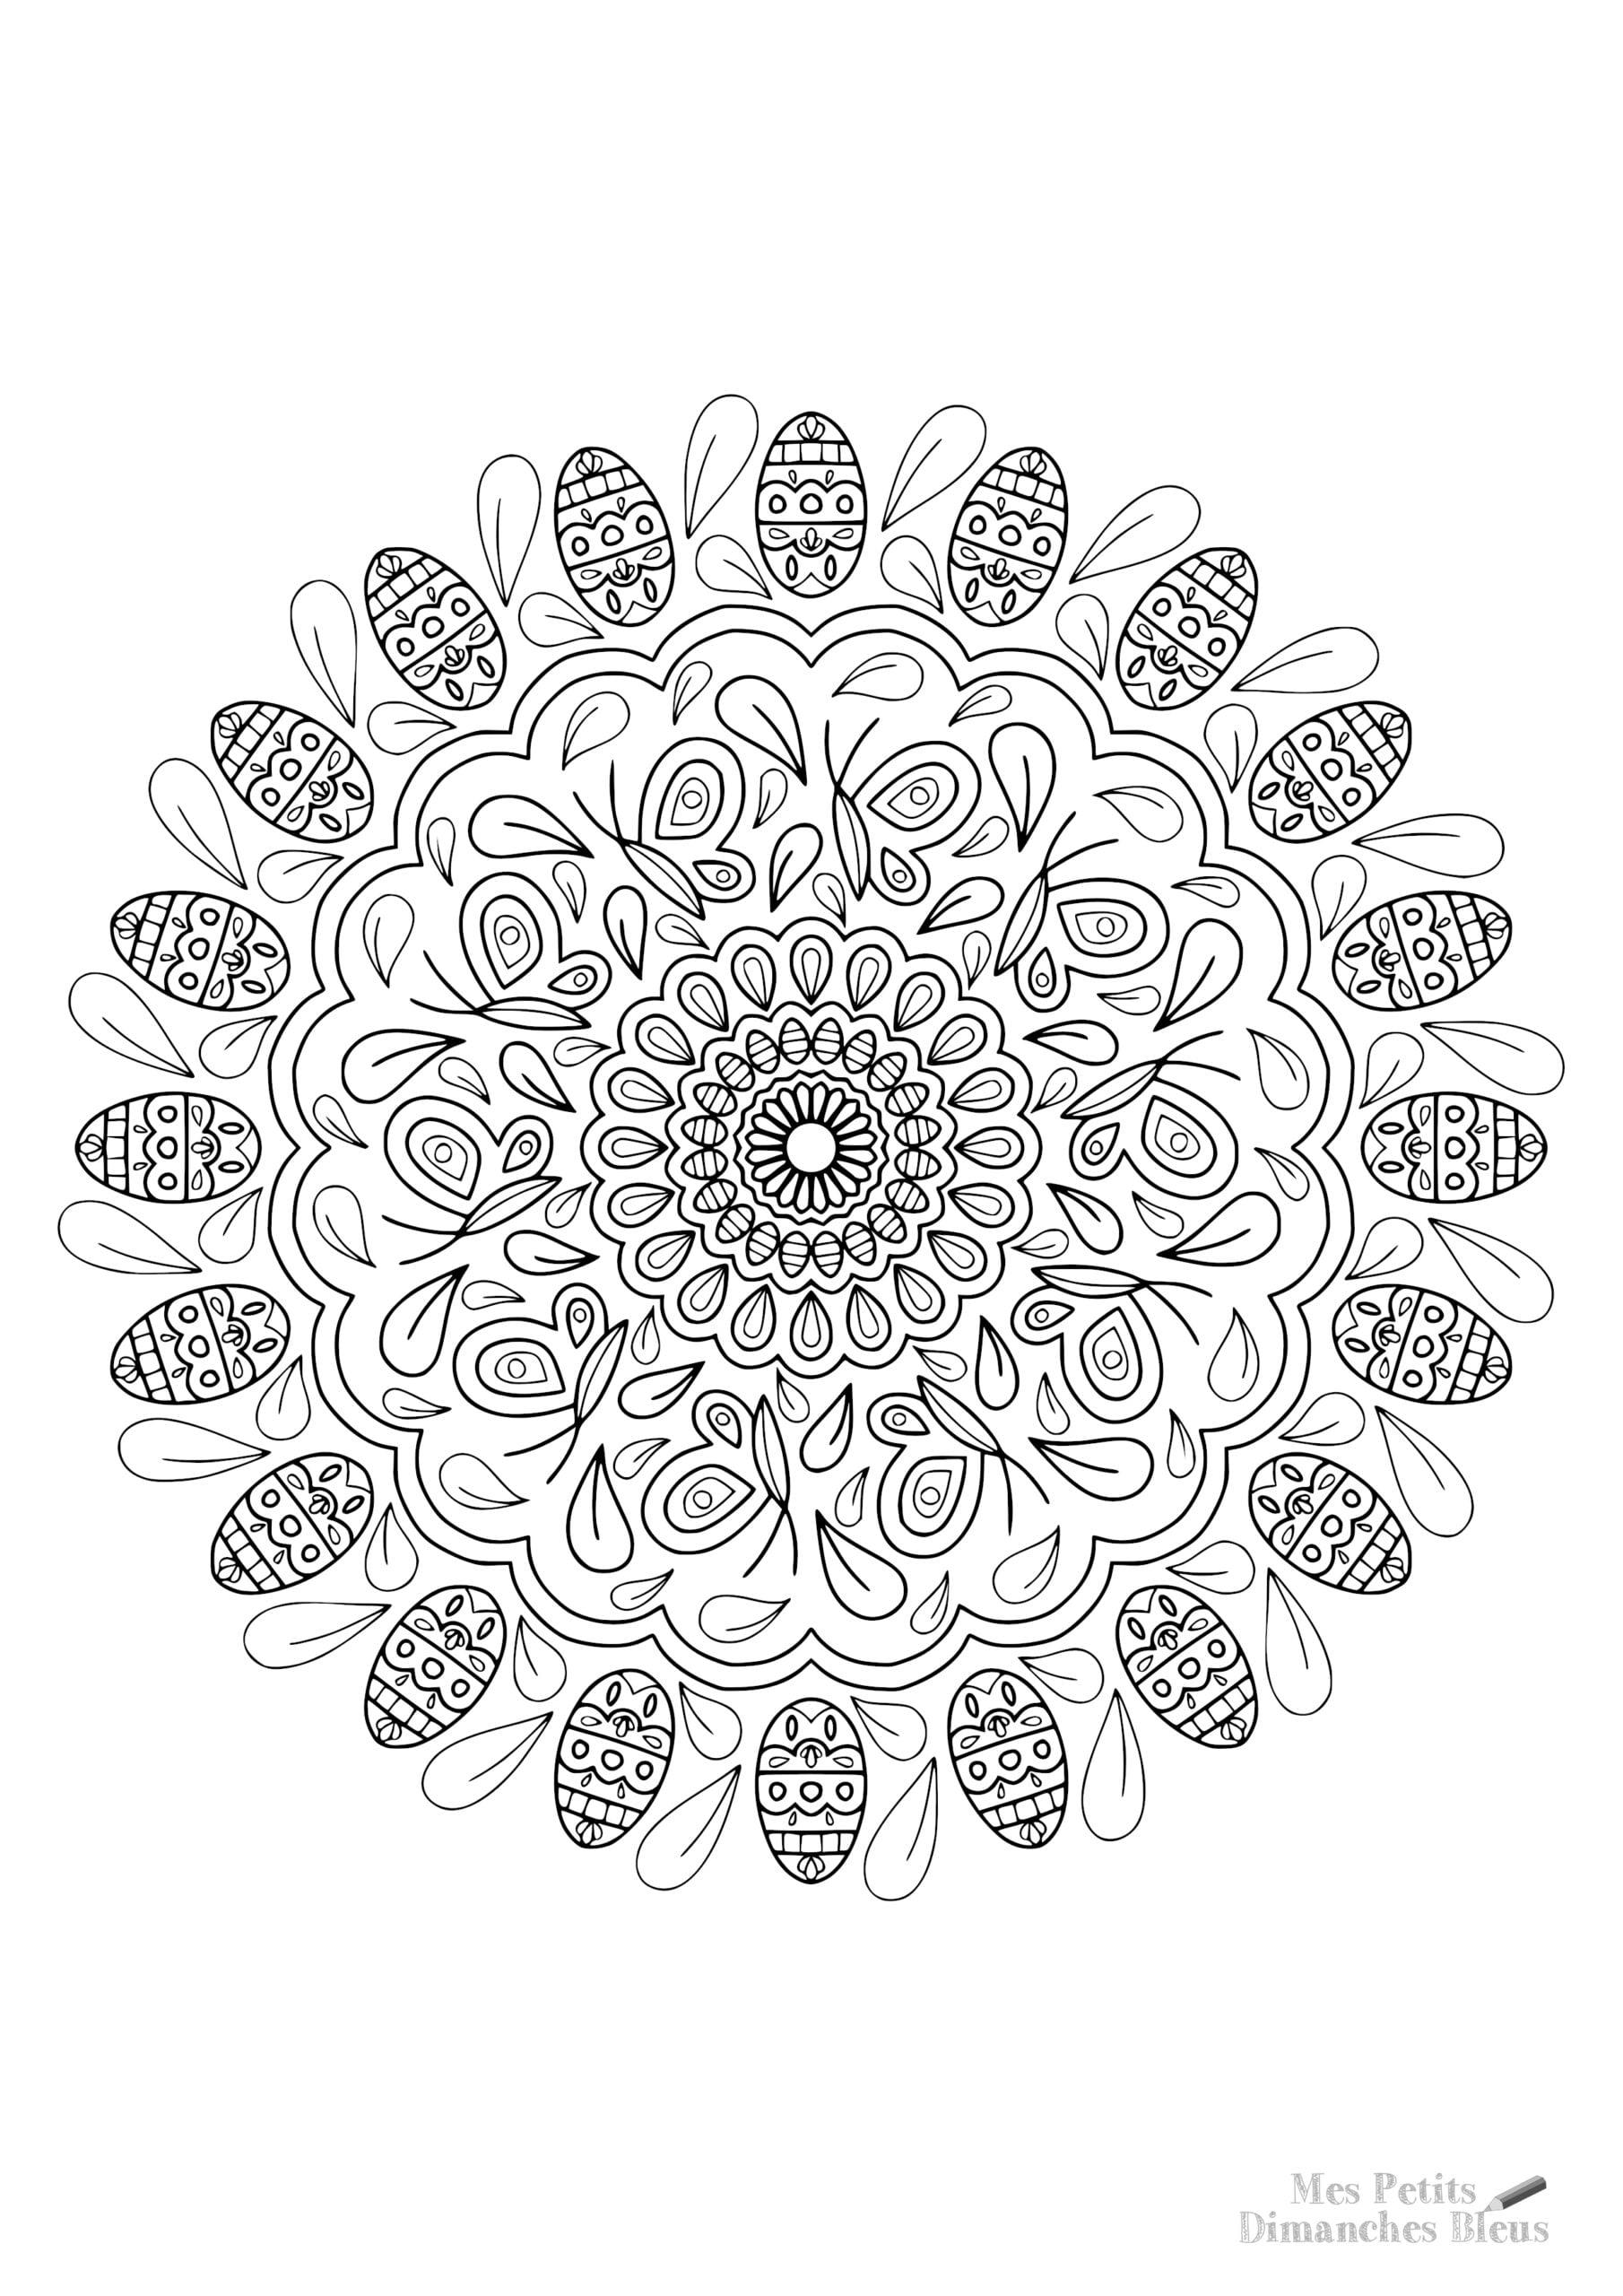 Mandala, coloriage offert à télécharger